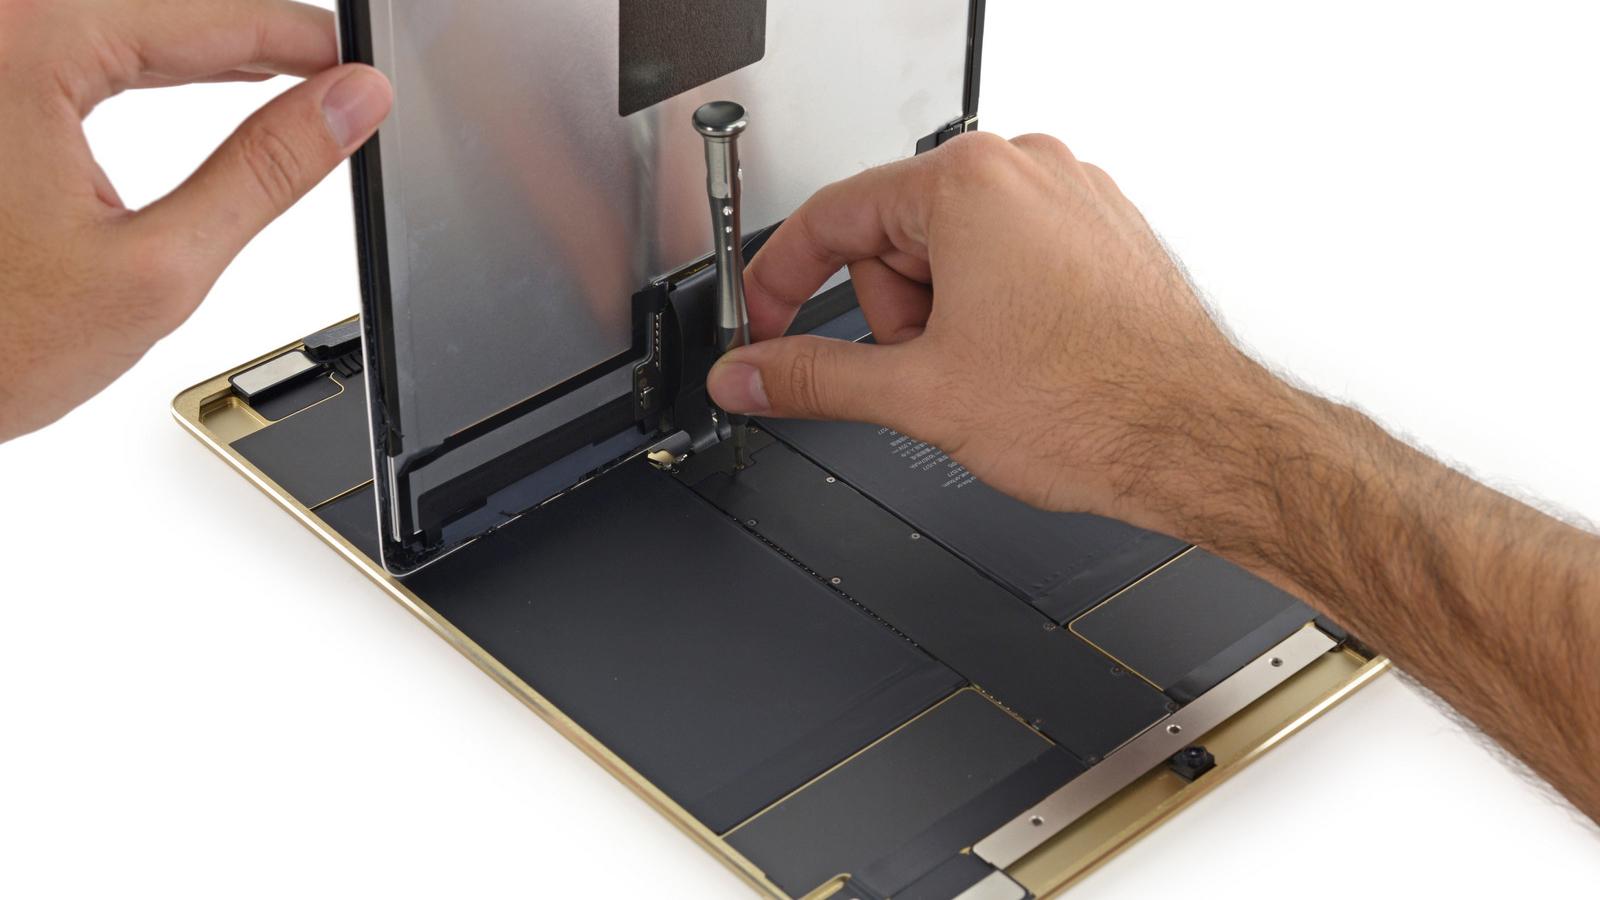 iPad pro repair at Mobile Xpert